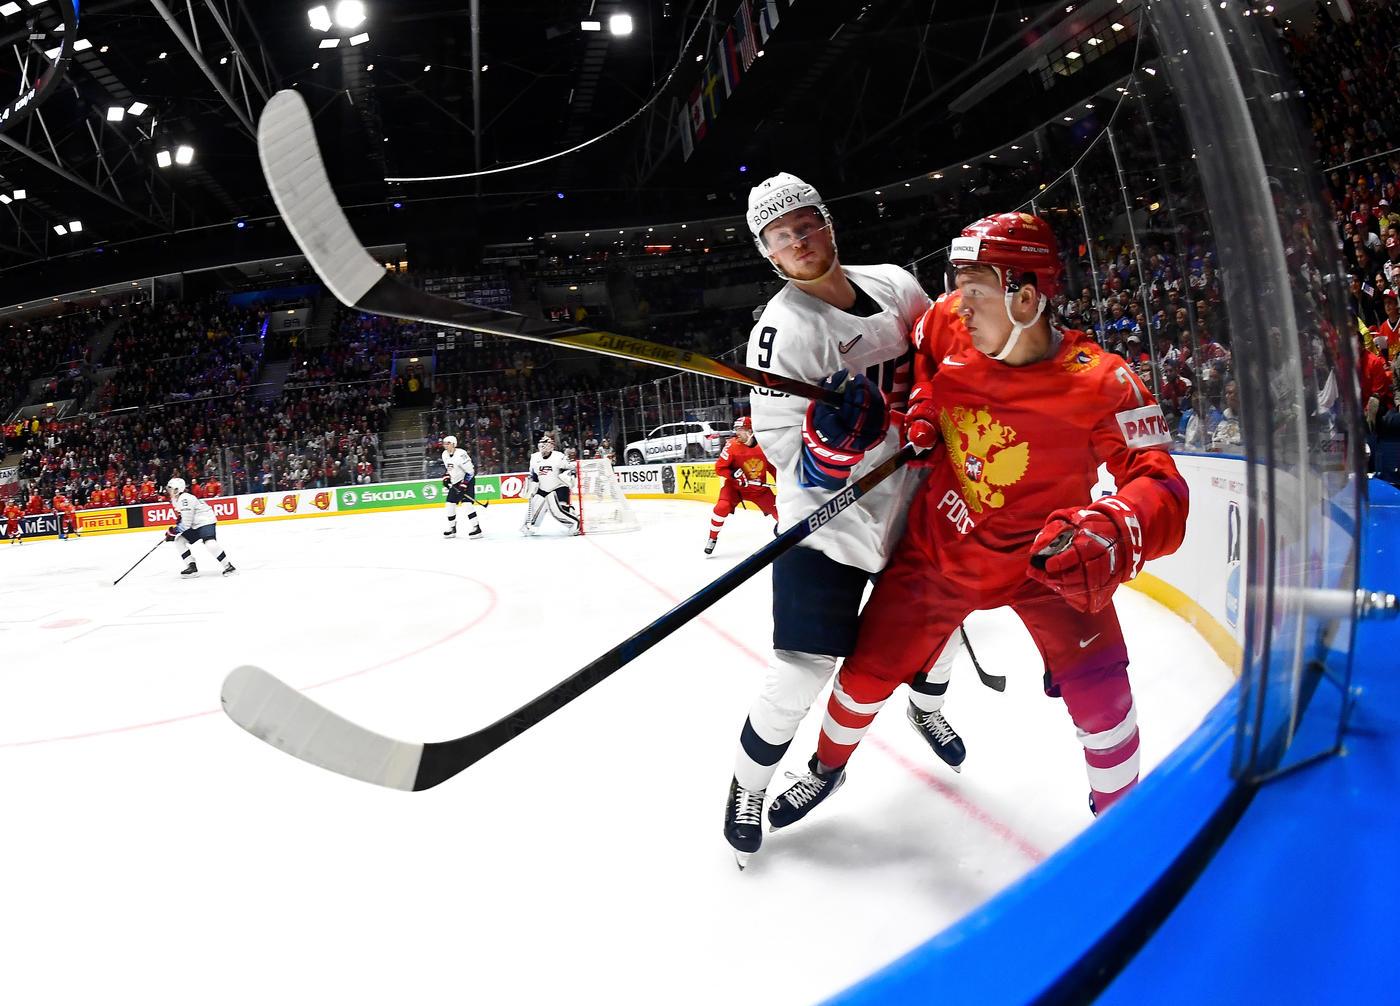 Капризов не сыграет на ЧМ в Латвии - фото